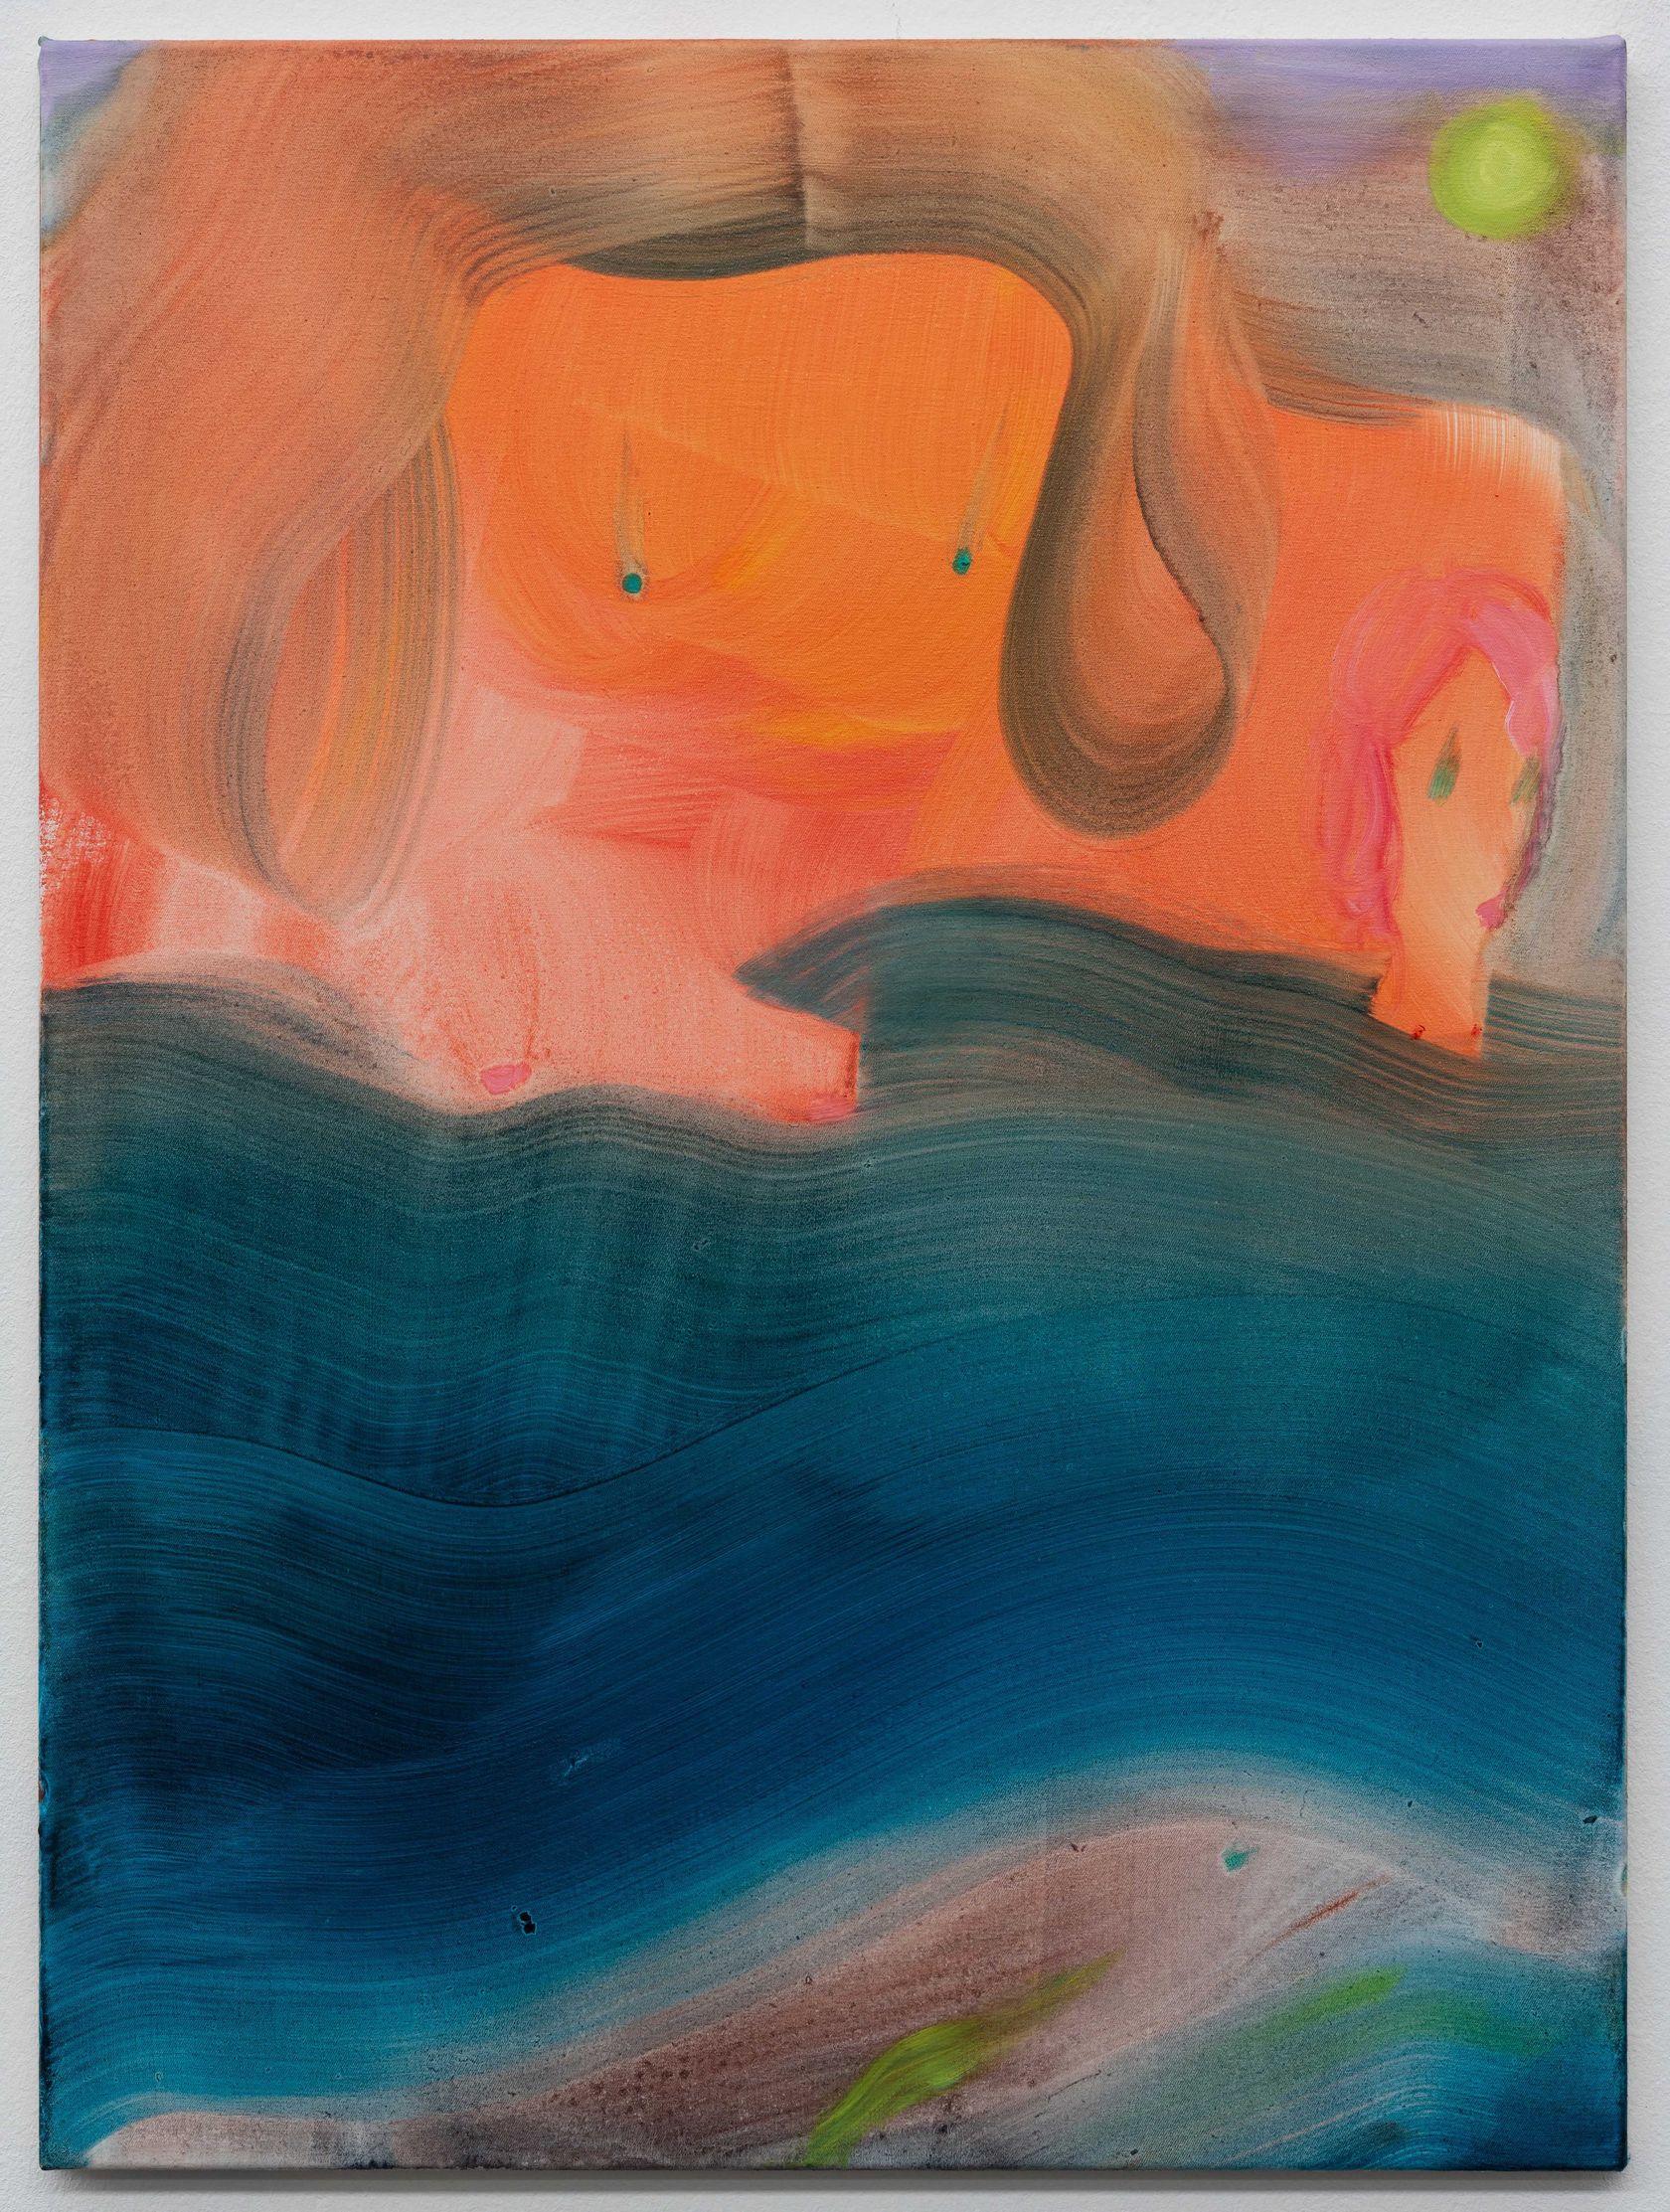 Aneta Kajzer, Happy Holidays, 2021 Huile sur toile80 × 60 cm / 31 1/2 × 23 5/8 in.